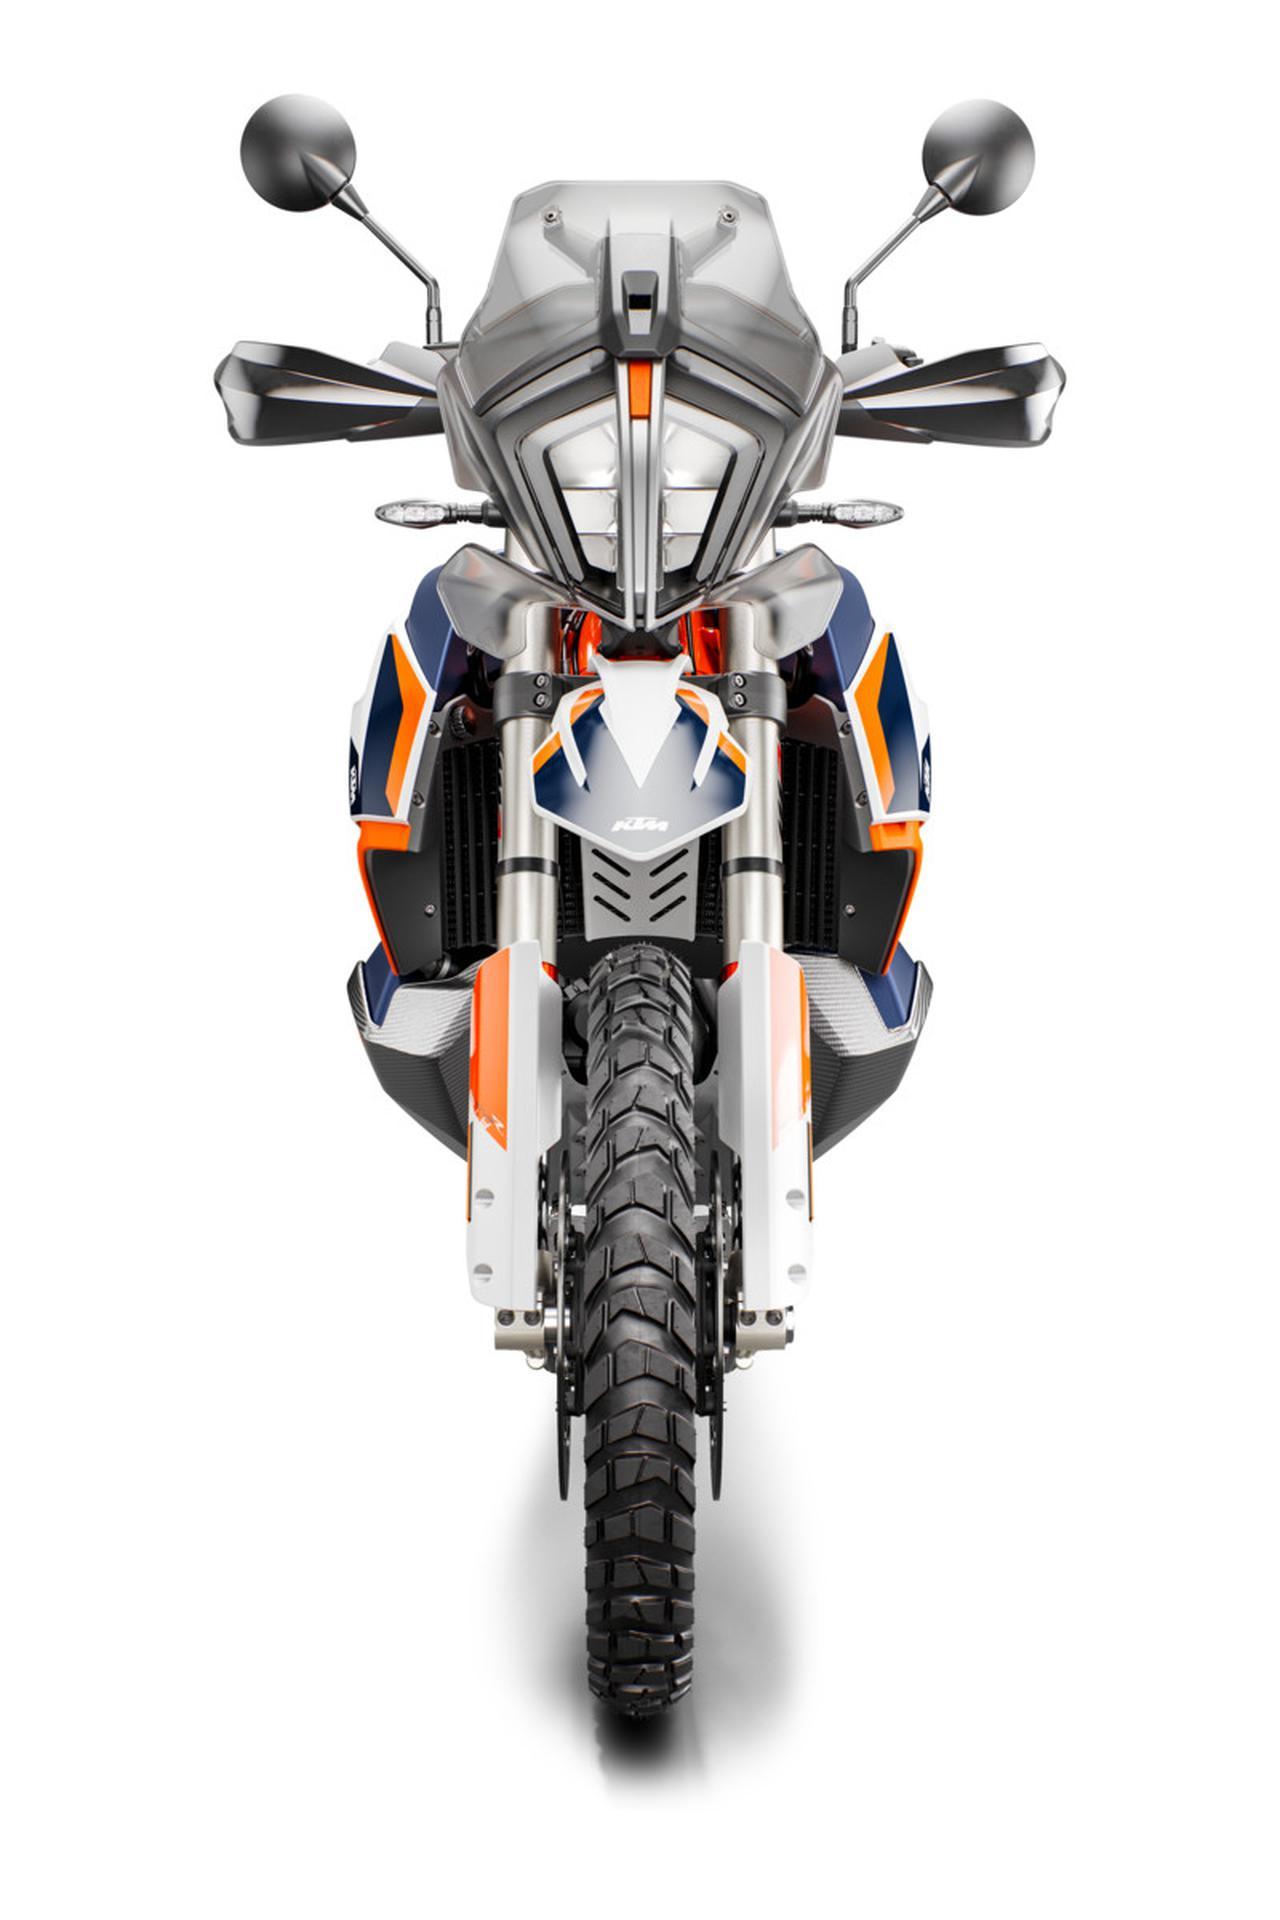 Images : 4番目の画像 - KTM 790 ADVENTURE R Rallyの写真をもっと見る - webオートバイ